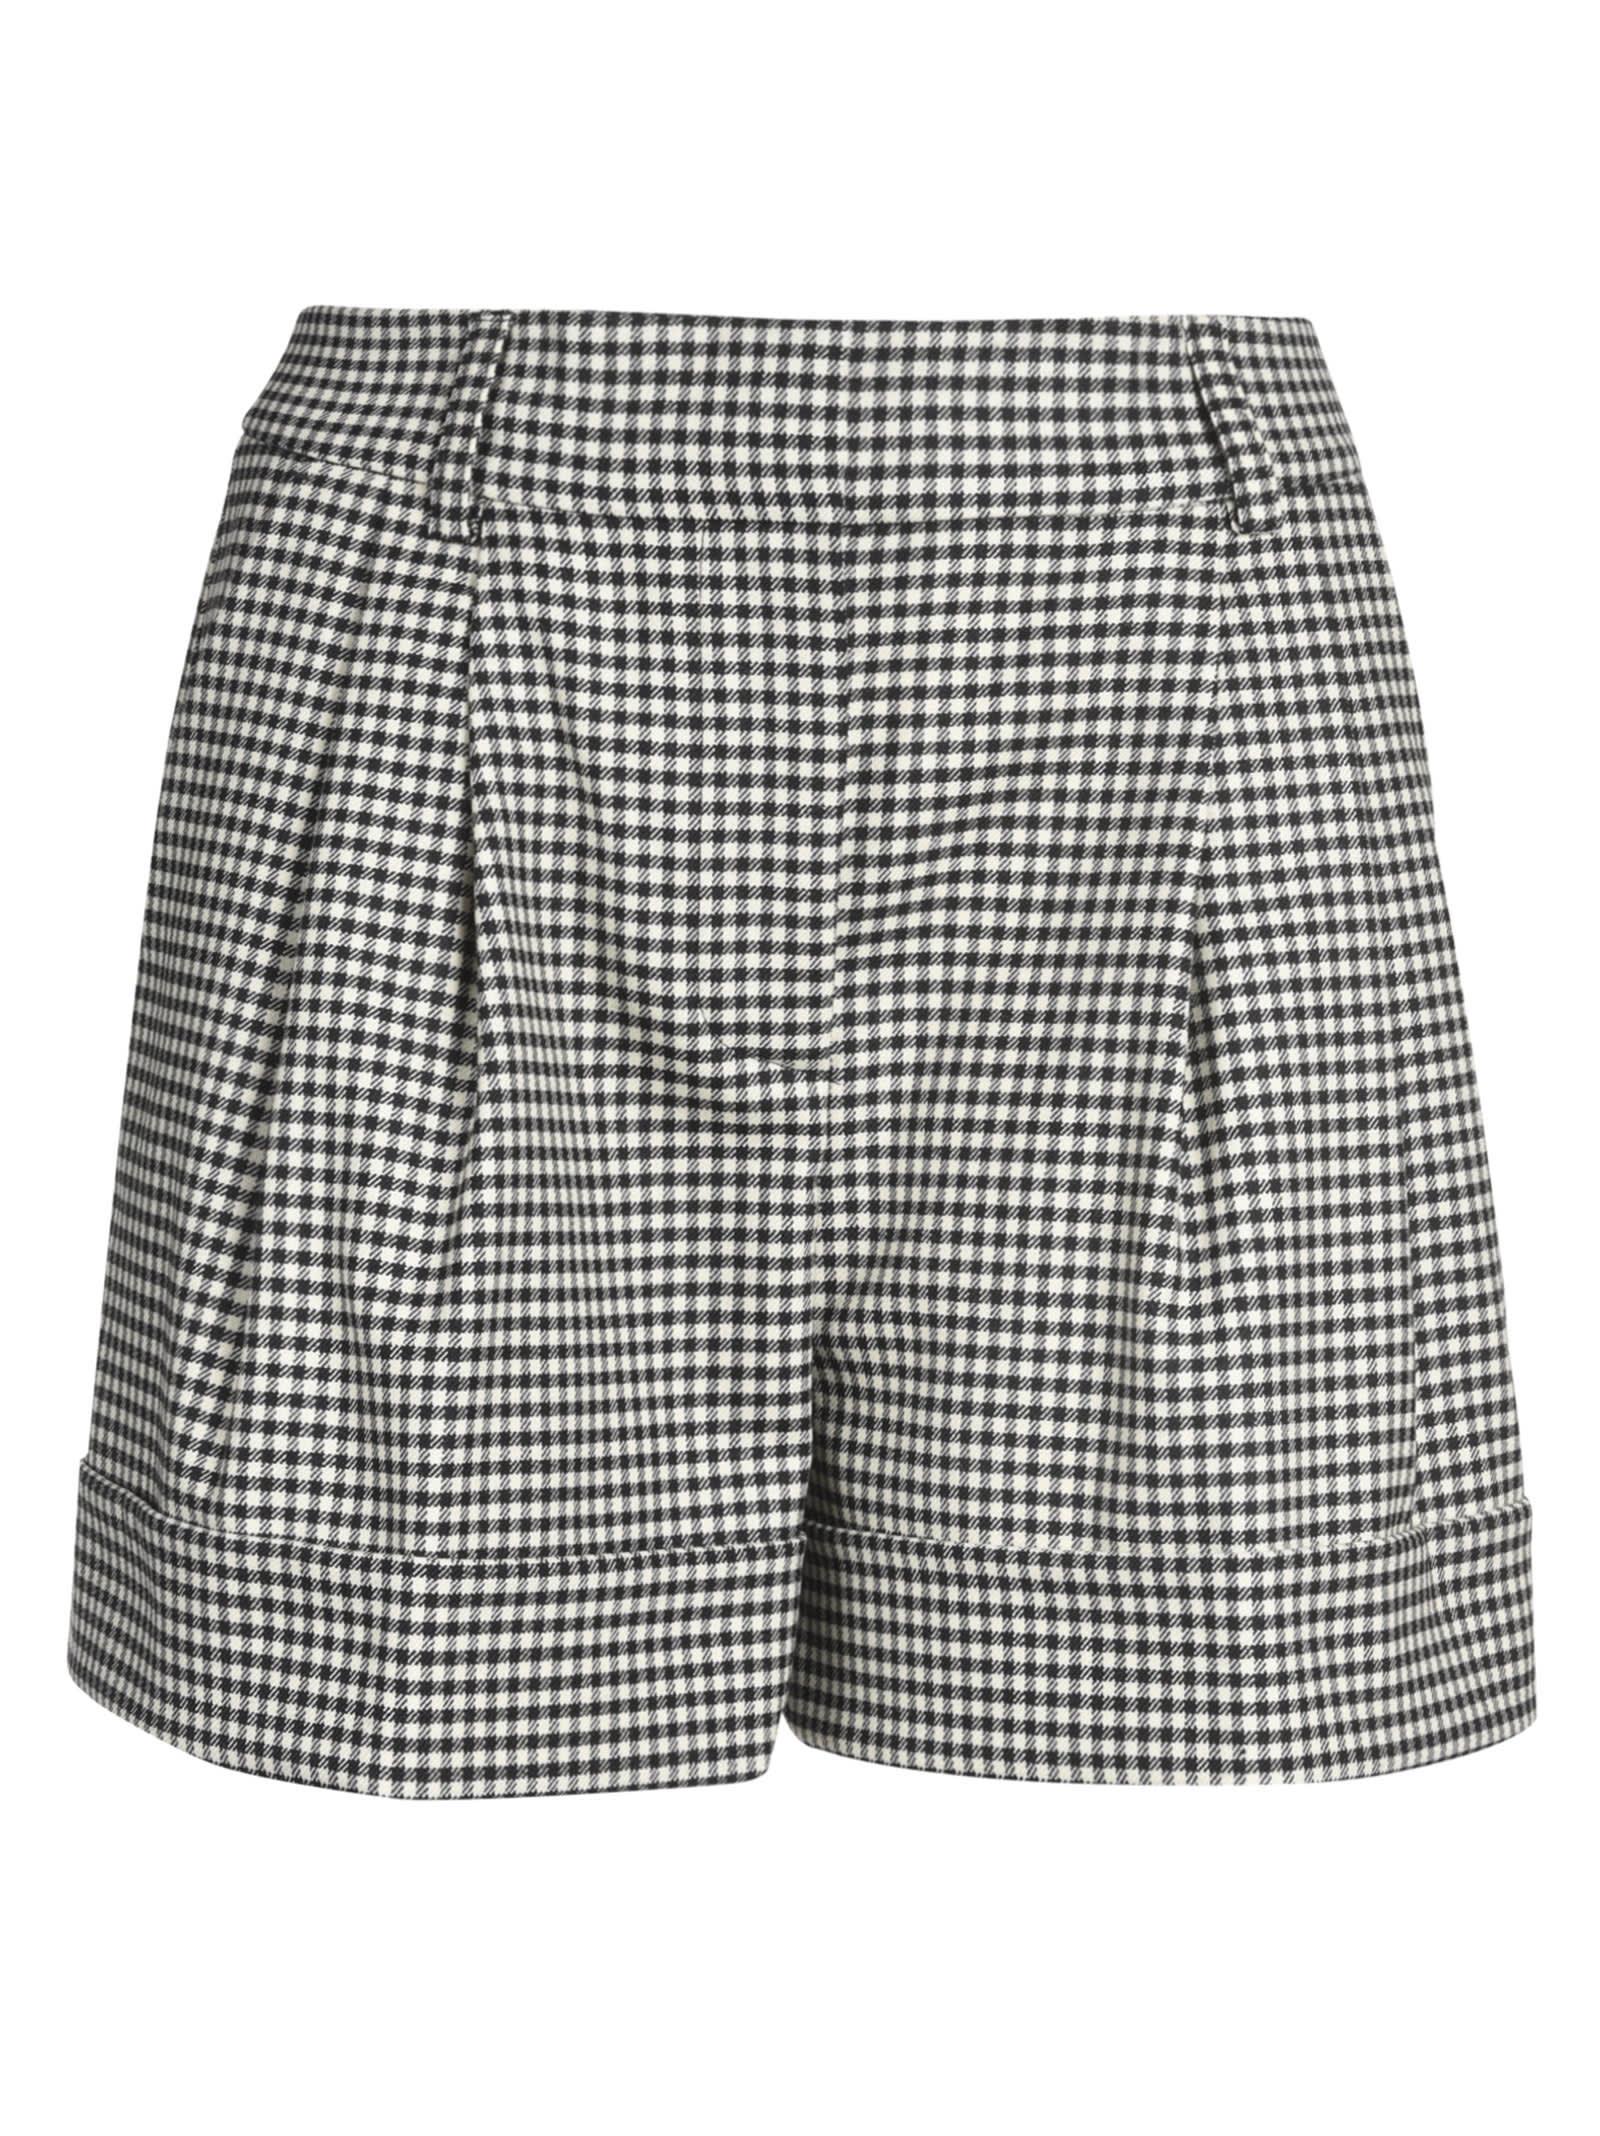 Parosh Checked Shorts